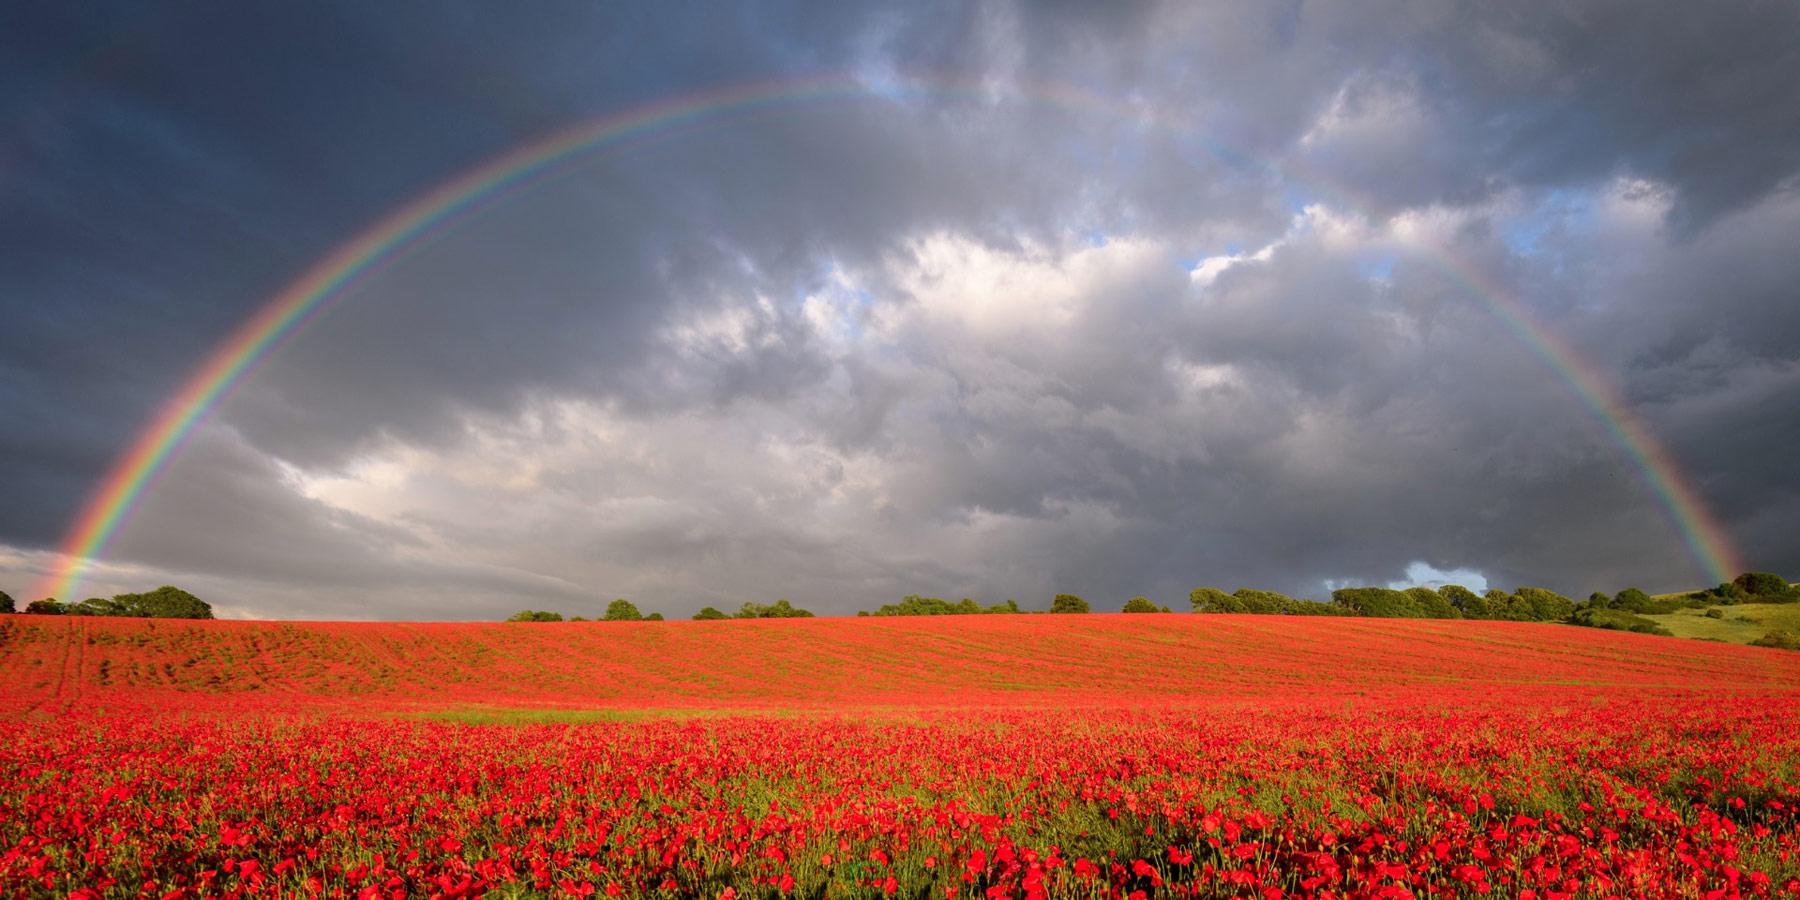 Сту Мич / Stu Meech, Фотоконкурс RMetS / RPS Weather